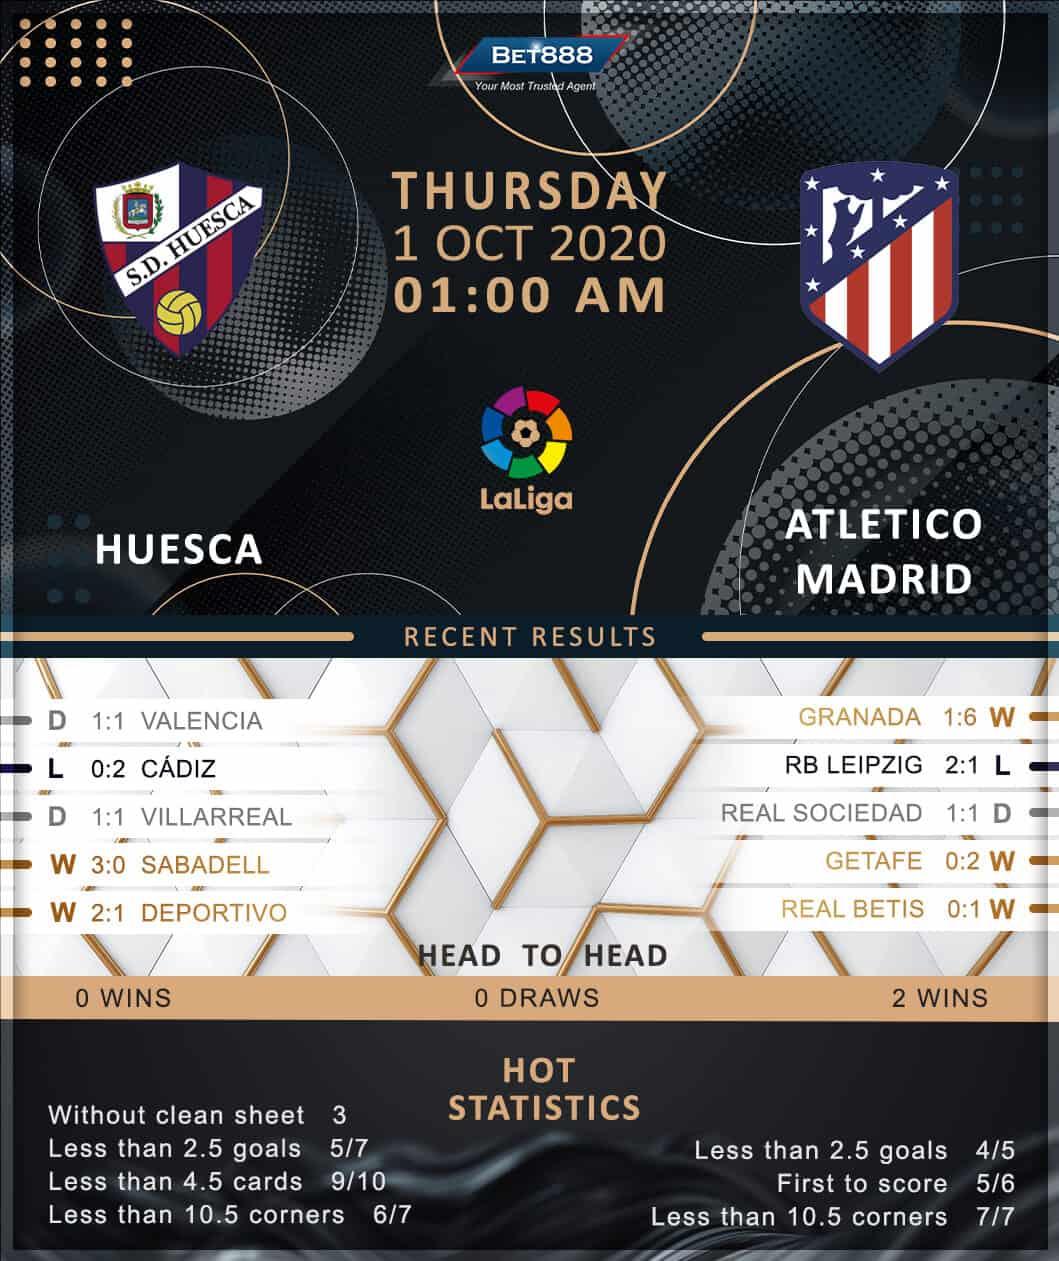 Huesca vs Atletico Madrid 01/10/20